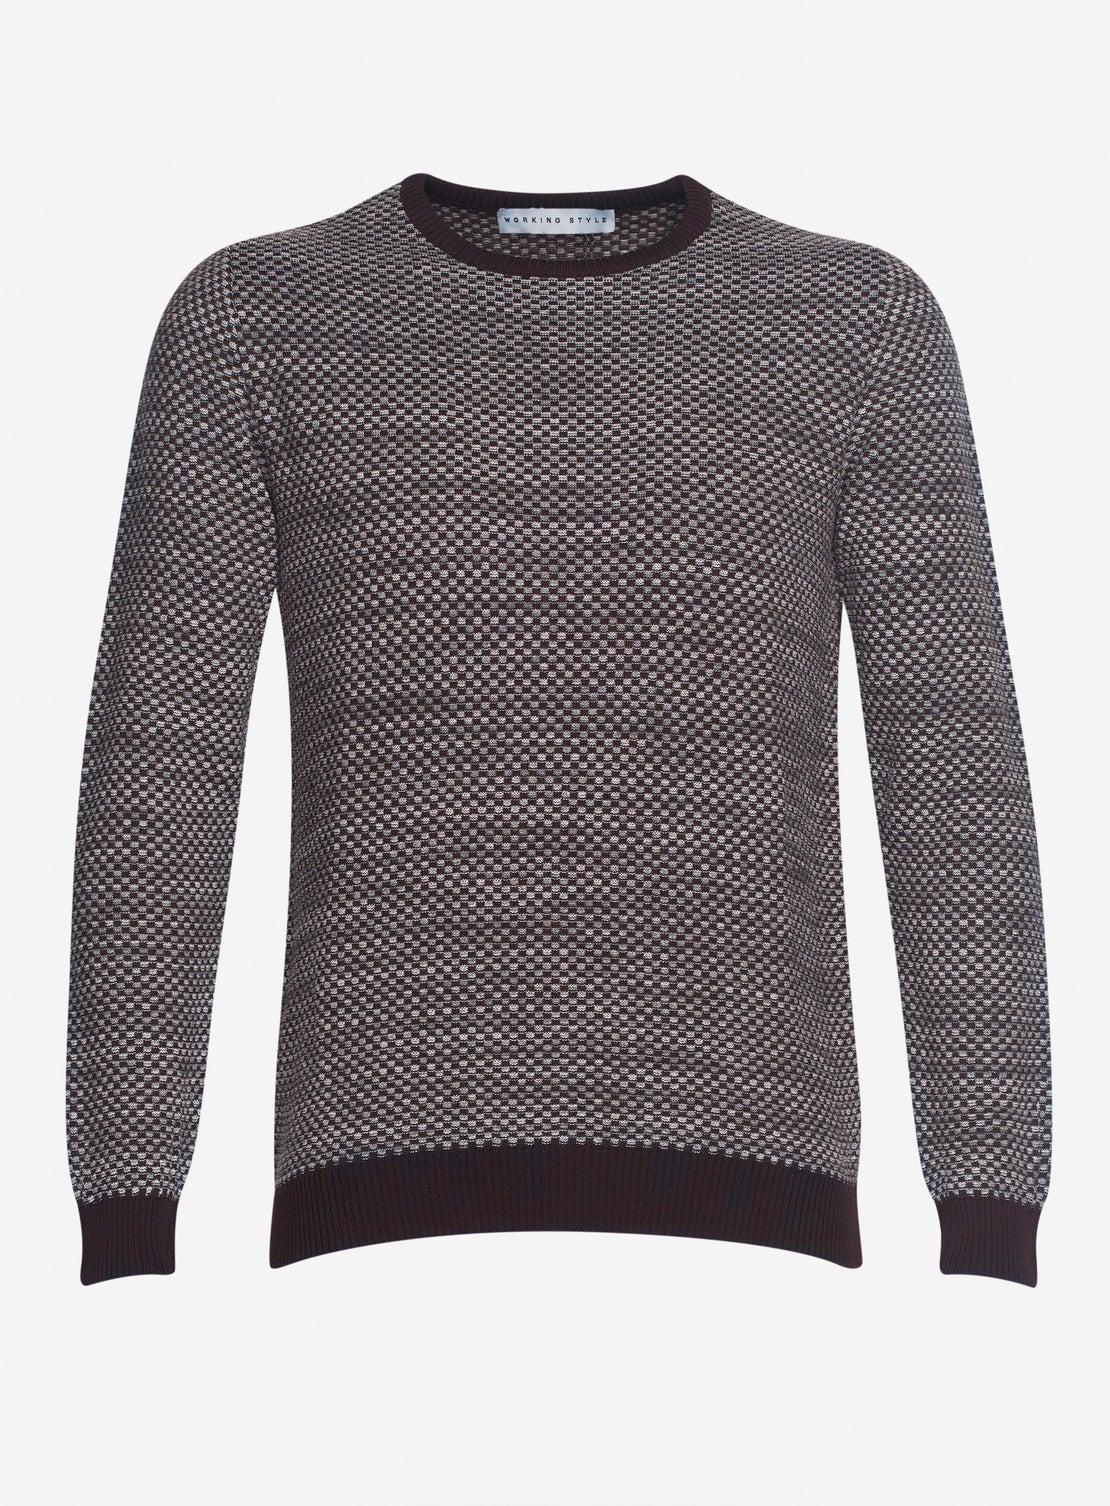 Burgundy with Grey Knit